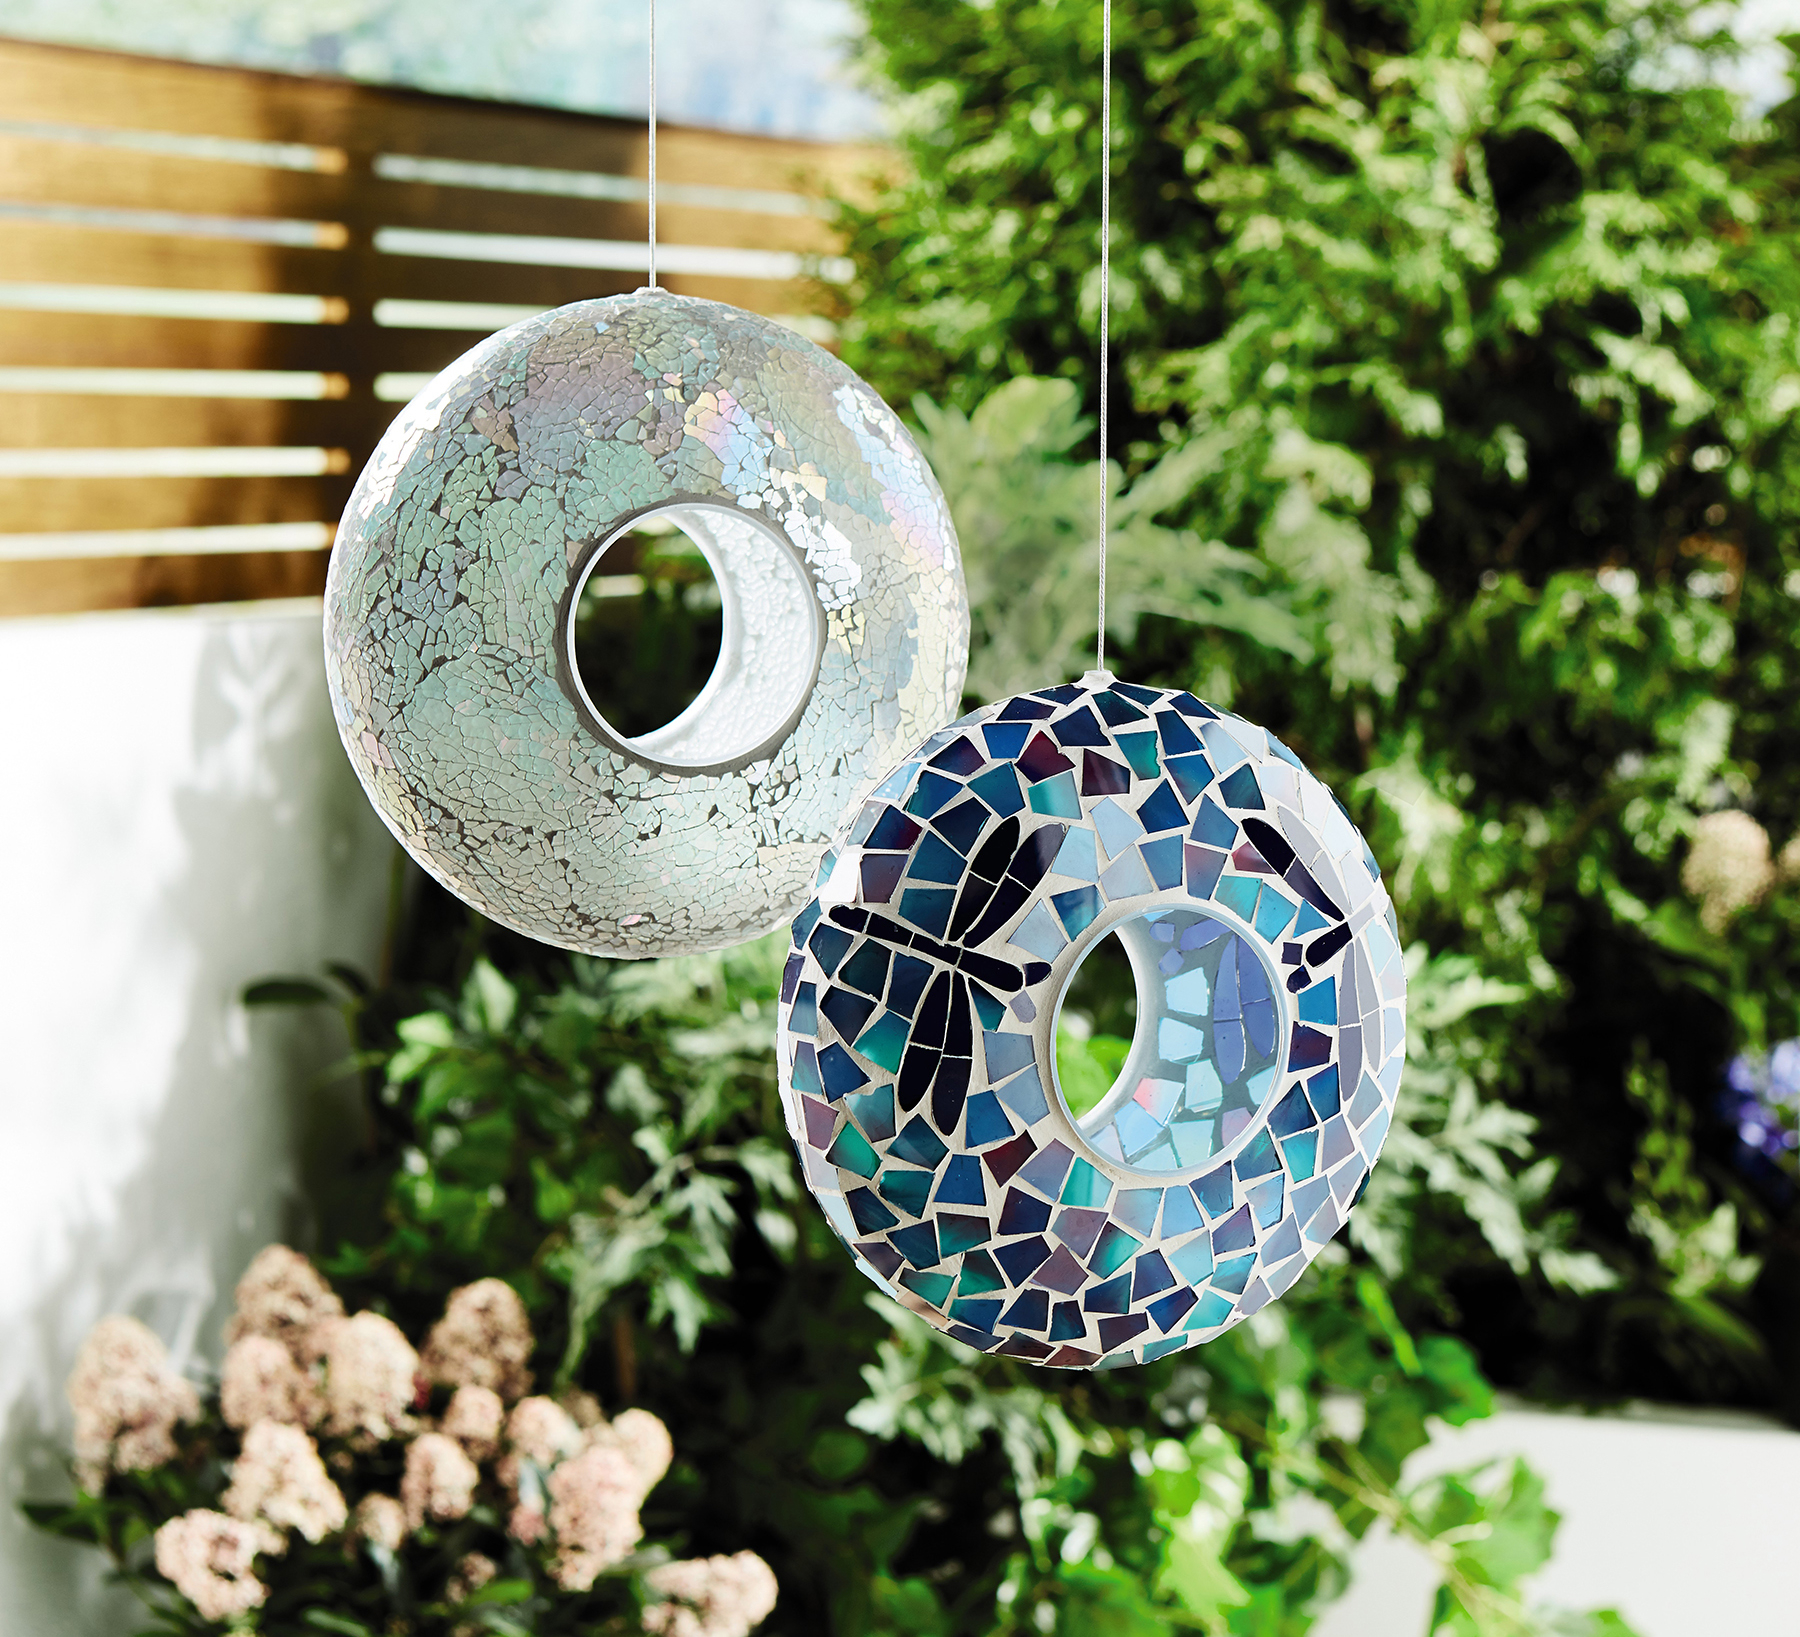 Mosaic bird feeder. Image: Aldi